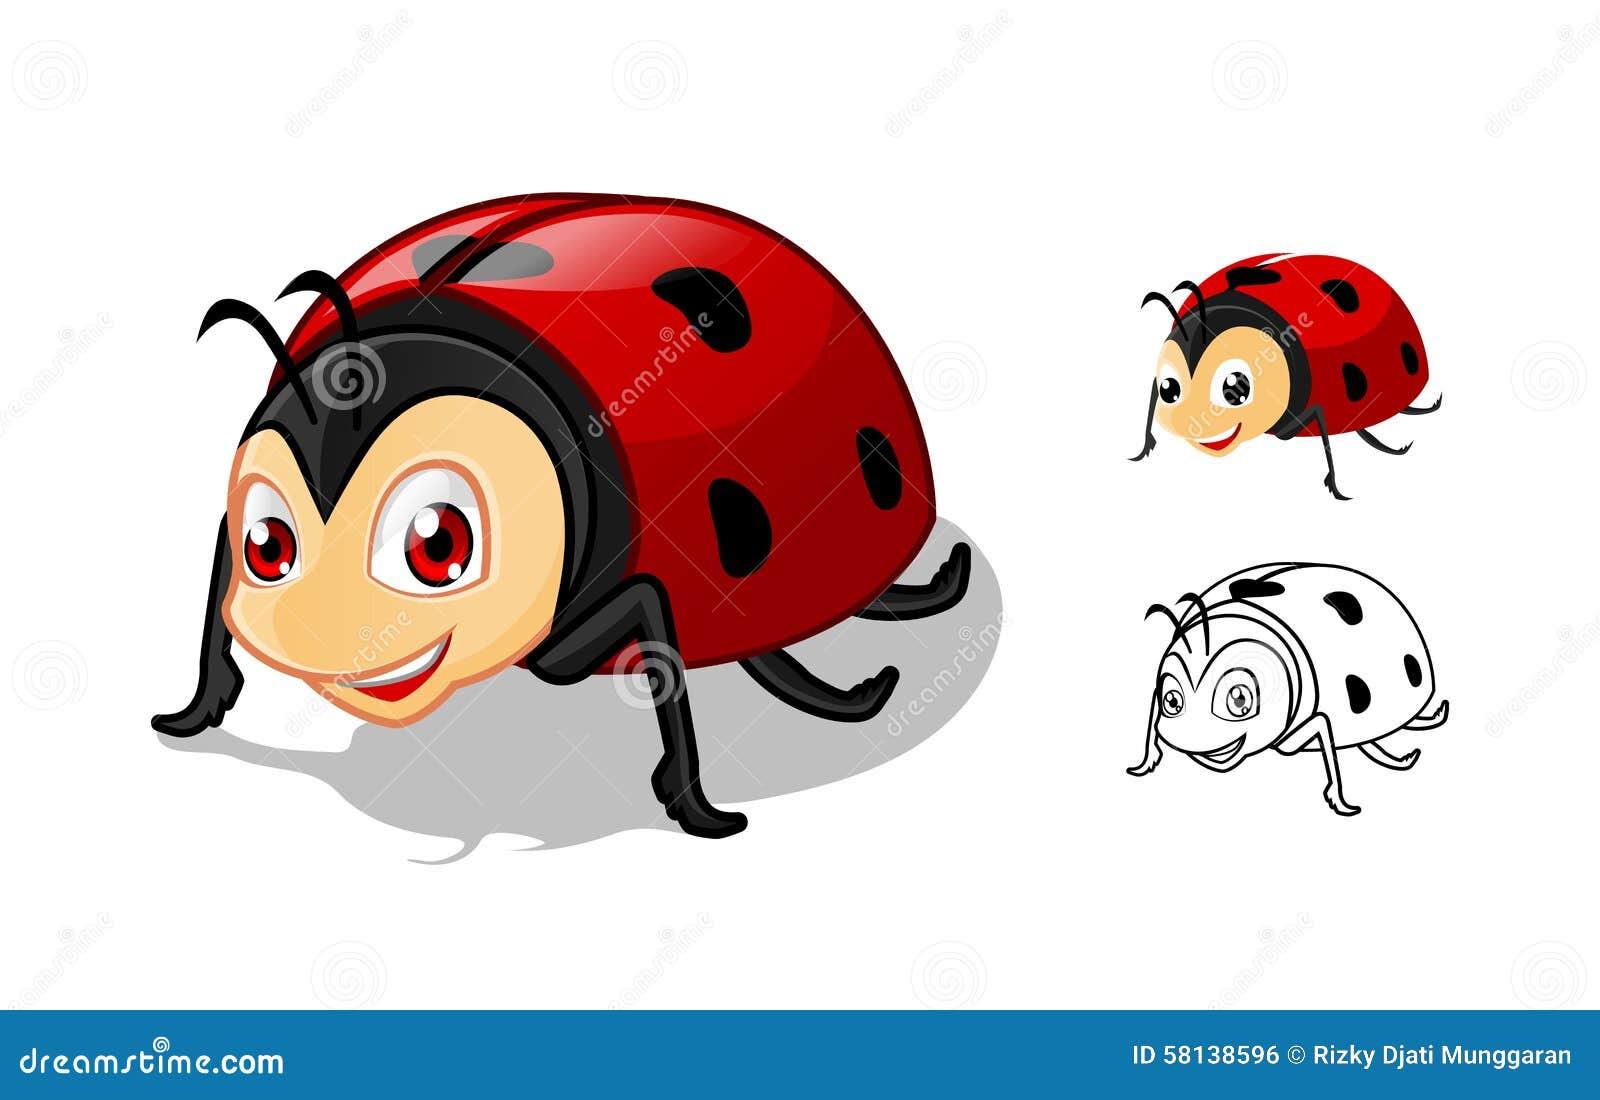 Ladybug Cartoon Stock Images RoyaltyFree Images